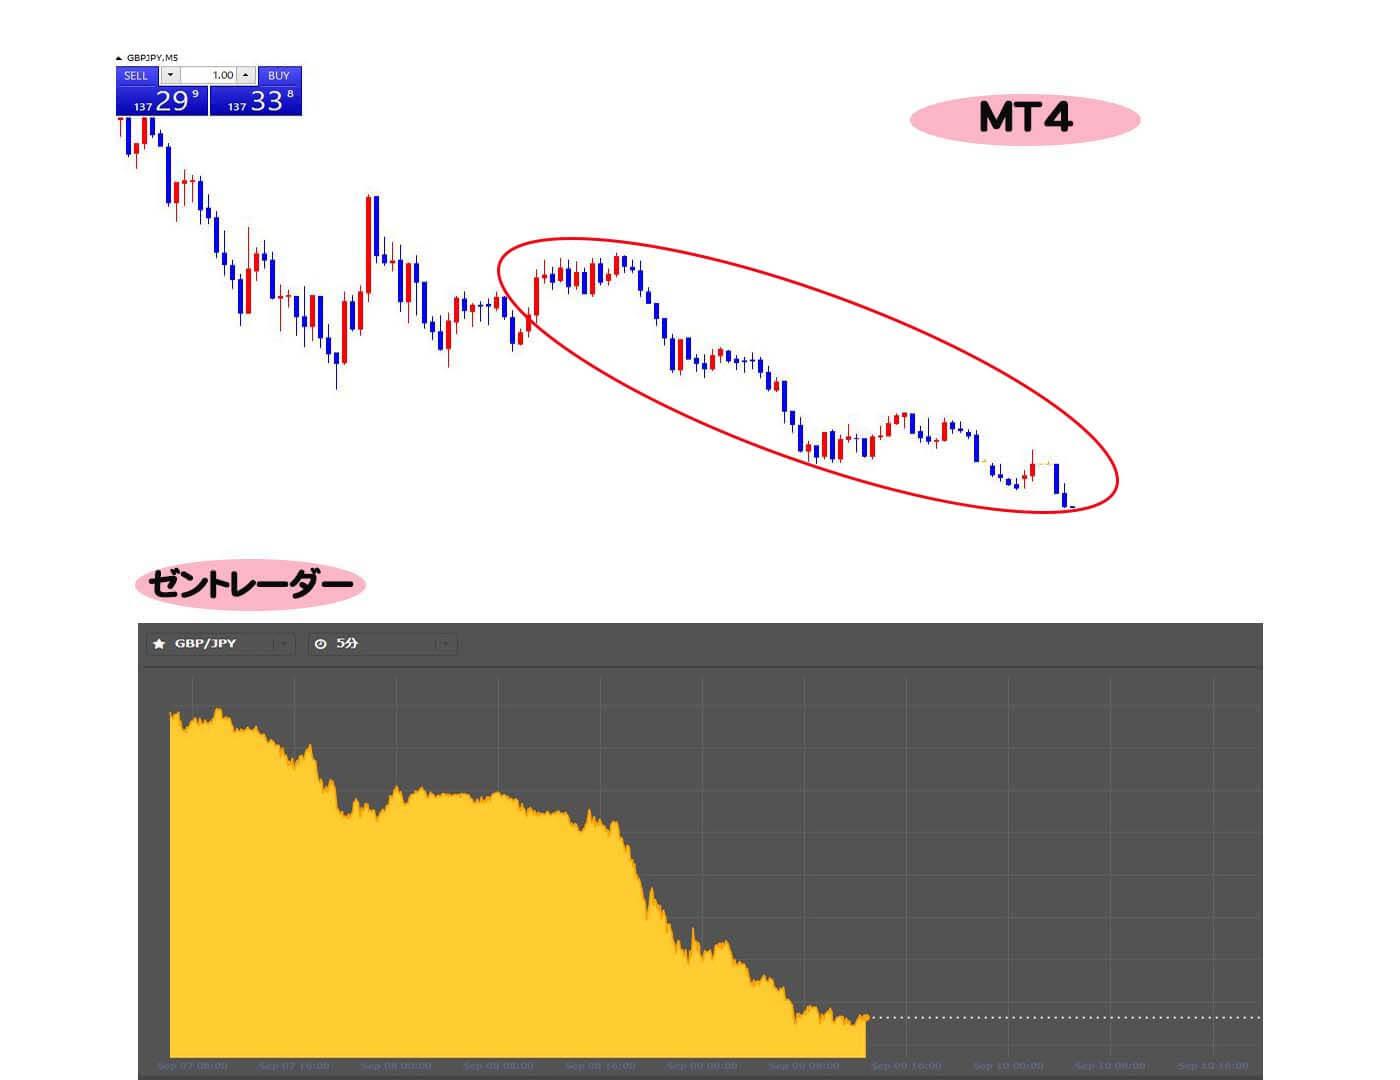 MT4とゼントレーダーのチャート比較